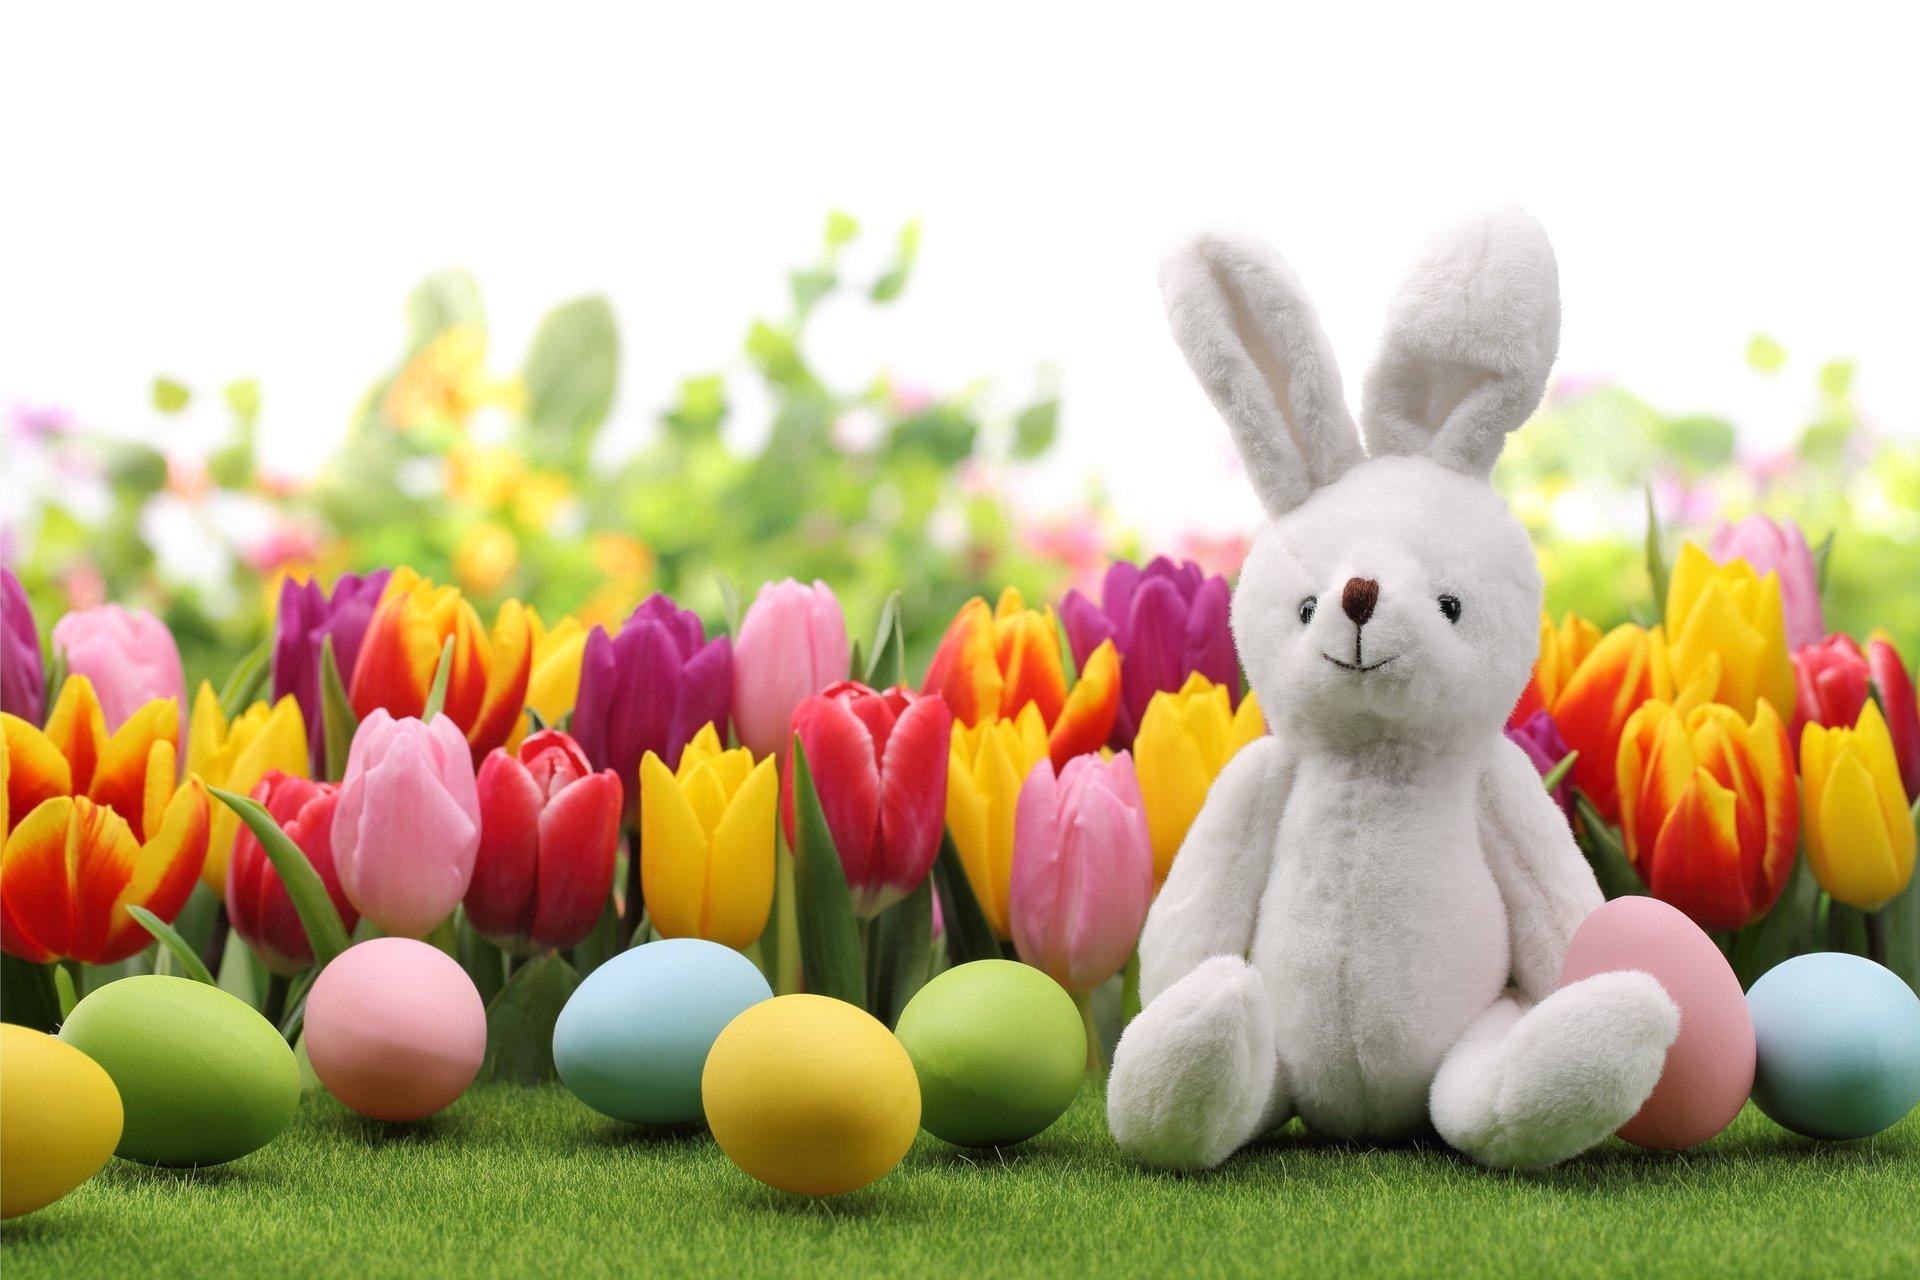 easter eggs spring flowers tulips bunny easter eggs rabbit 1920x1280